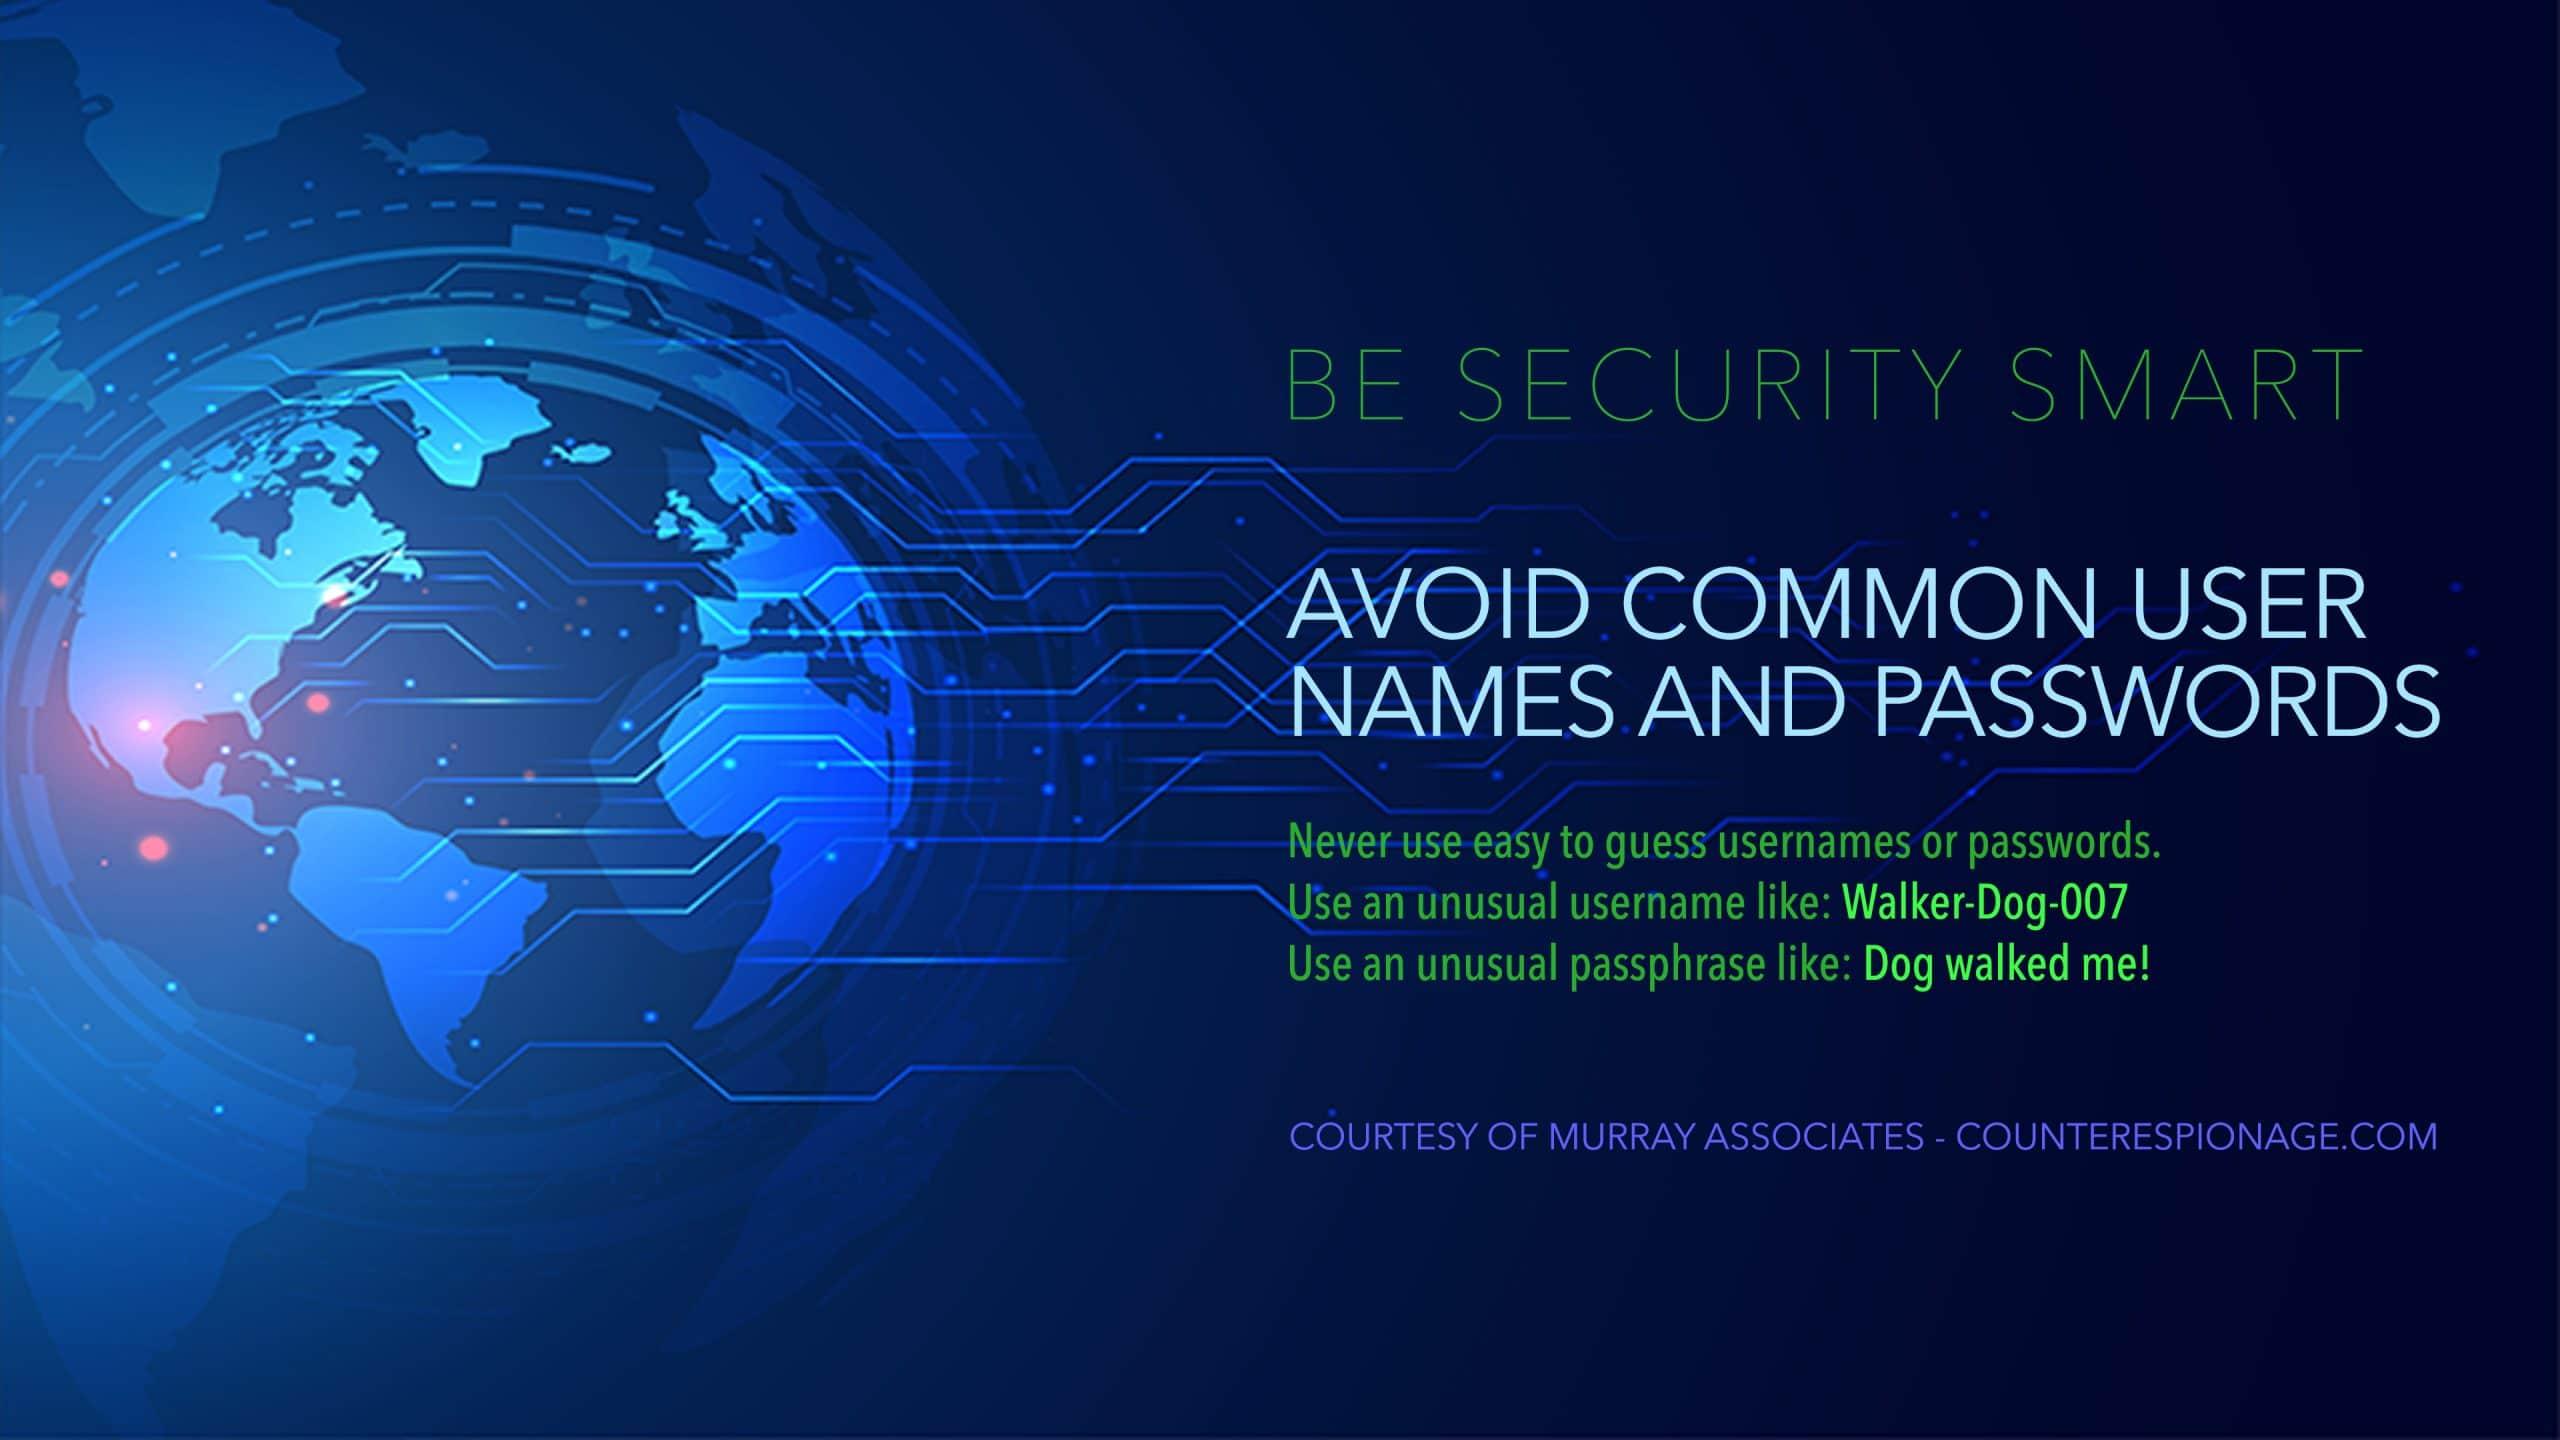 Security Screen Saver 3-5